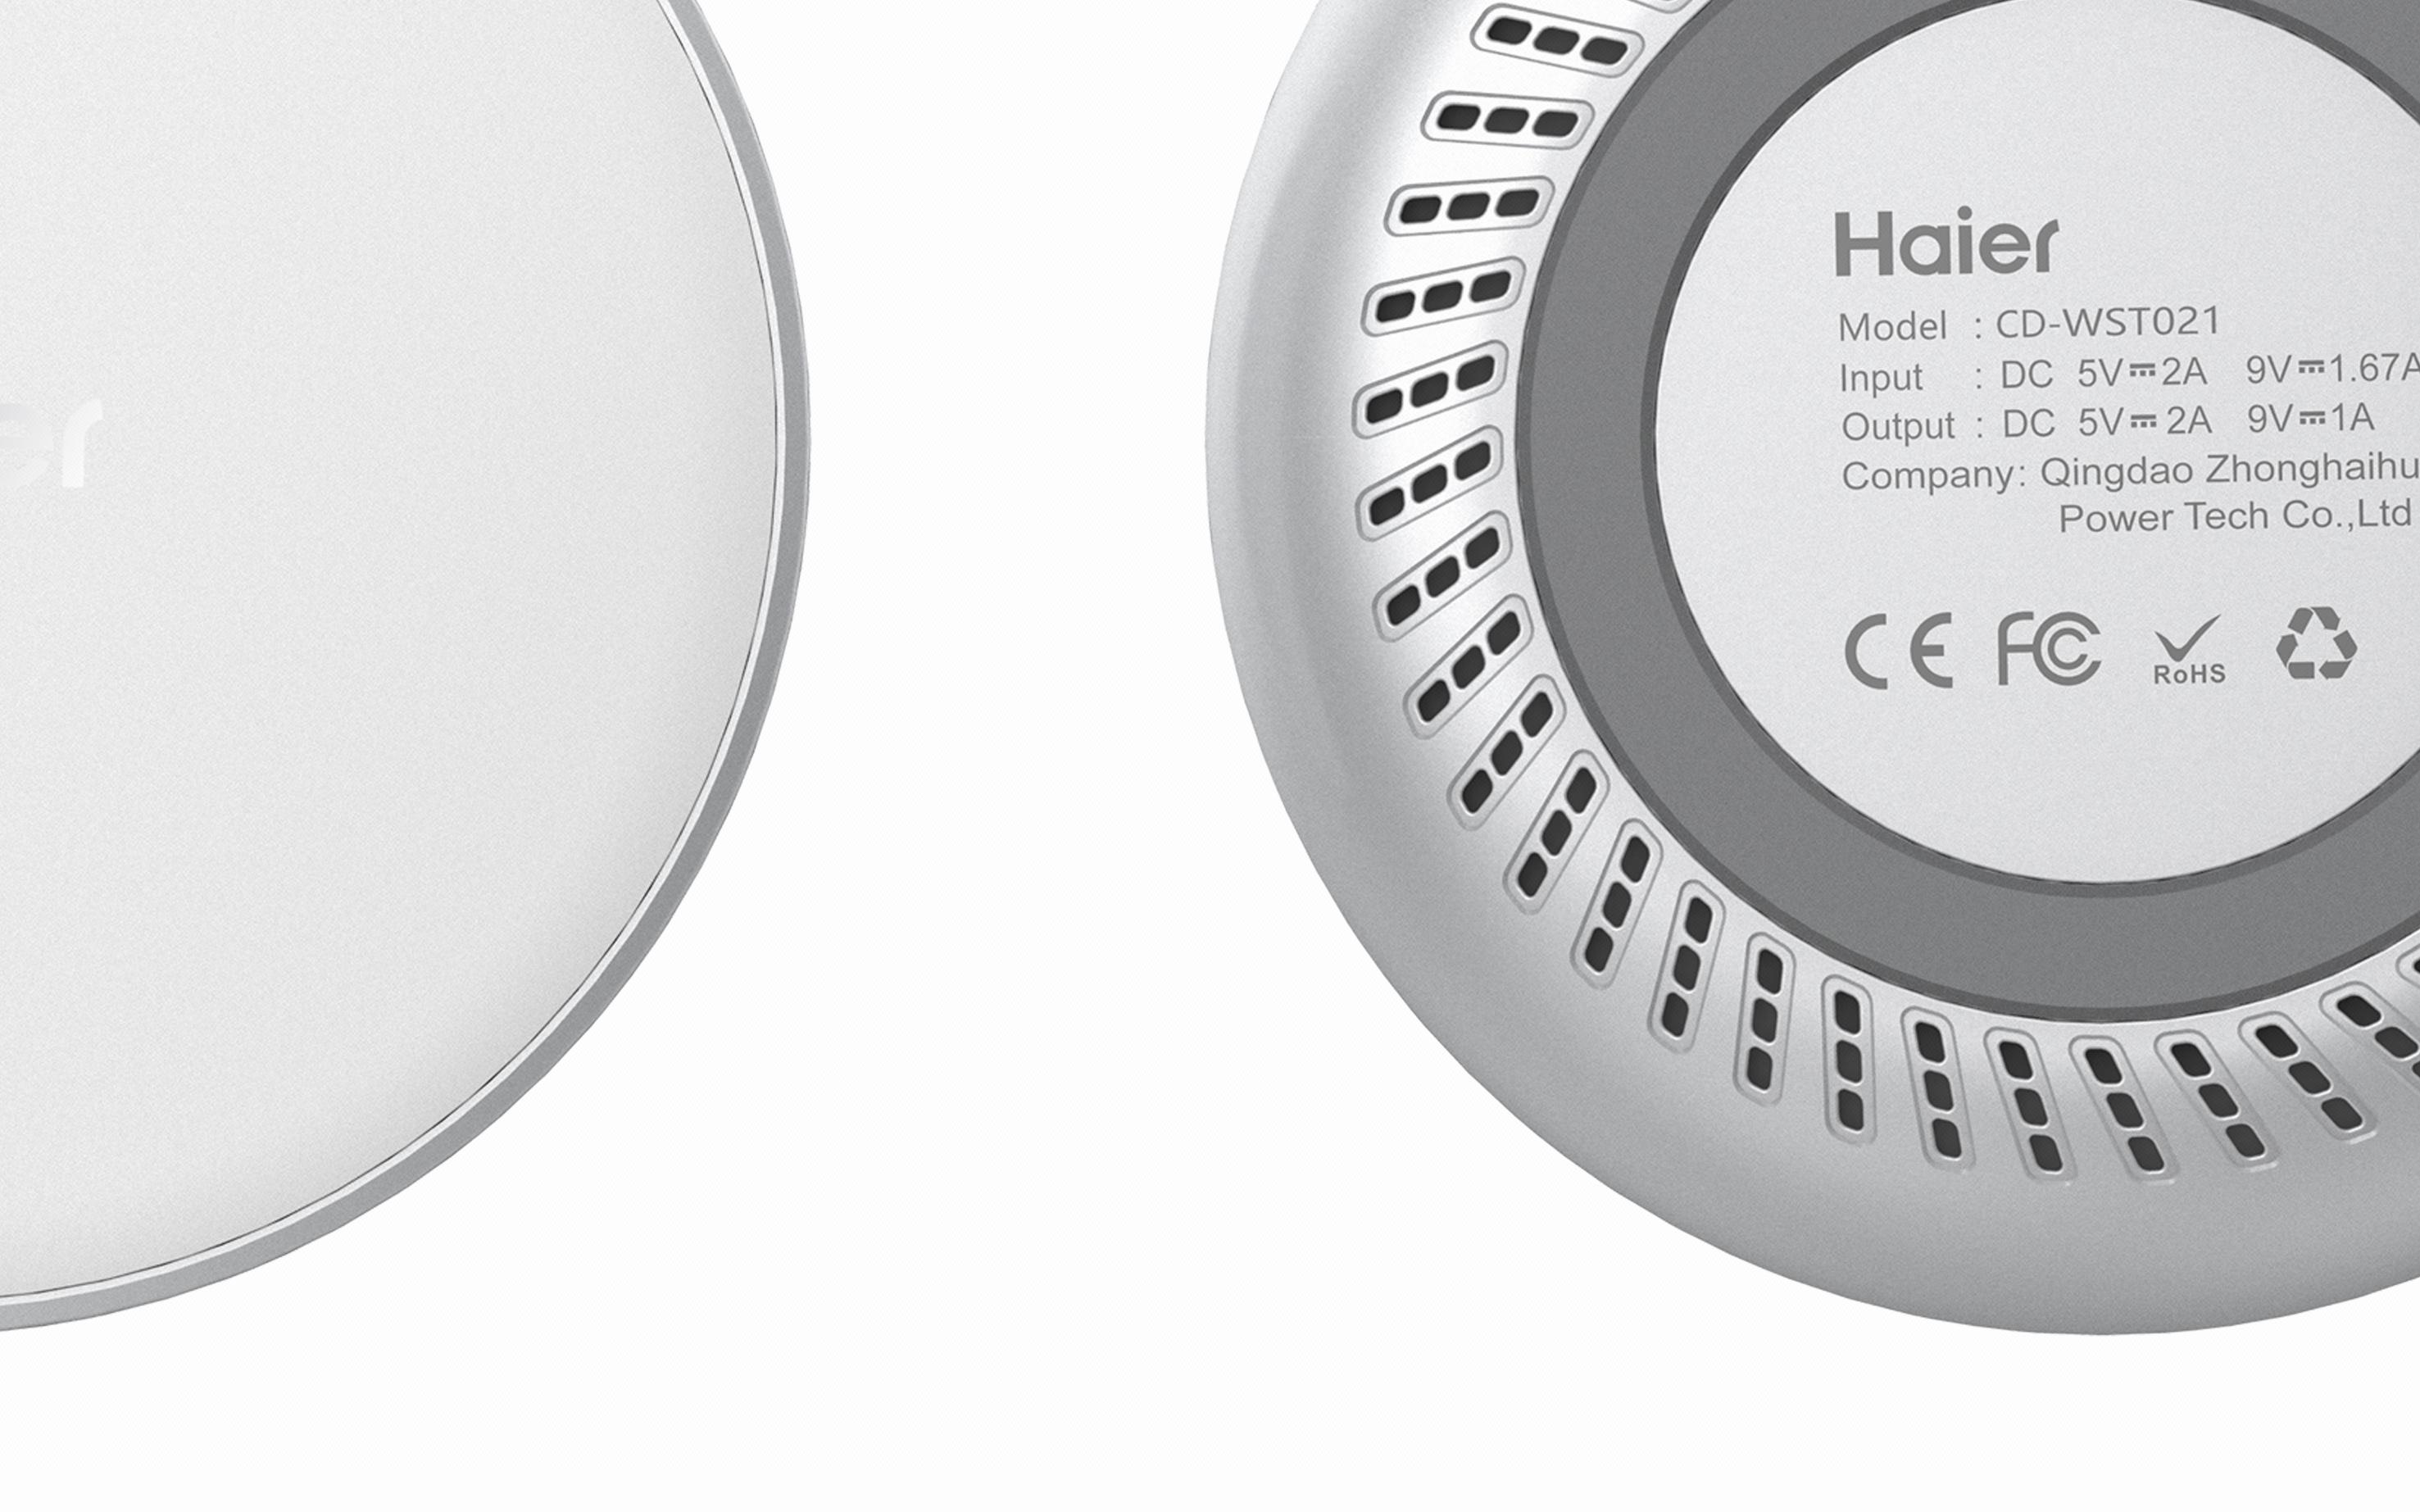 无线充电器工业设计外观设计产品设计产品结构设计效果图渲染